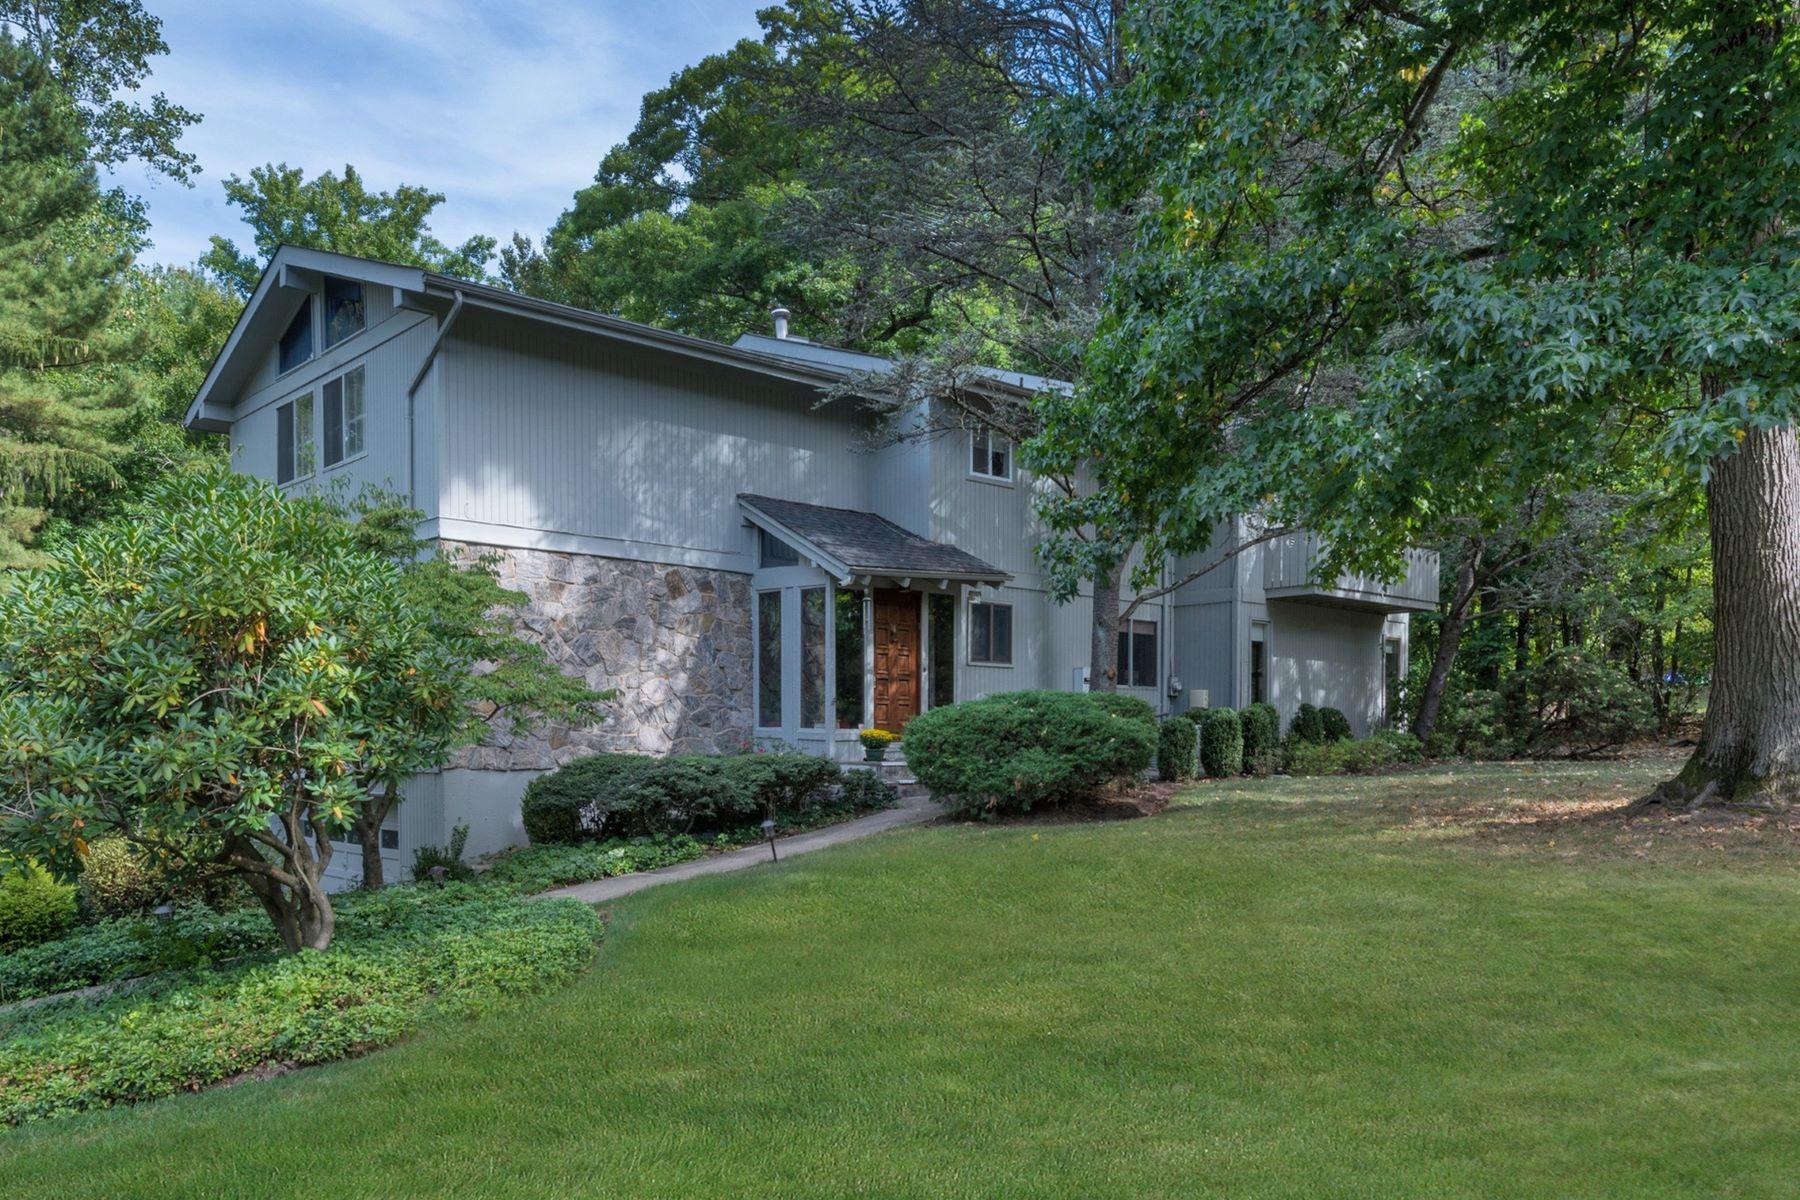 Частный односемейный дом для того Продажа на Home in the Woods 2A Century Road Palisades, Нью-Йорк 10964 Соединенные Штаты